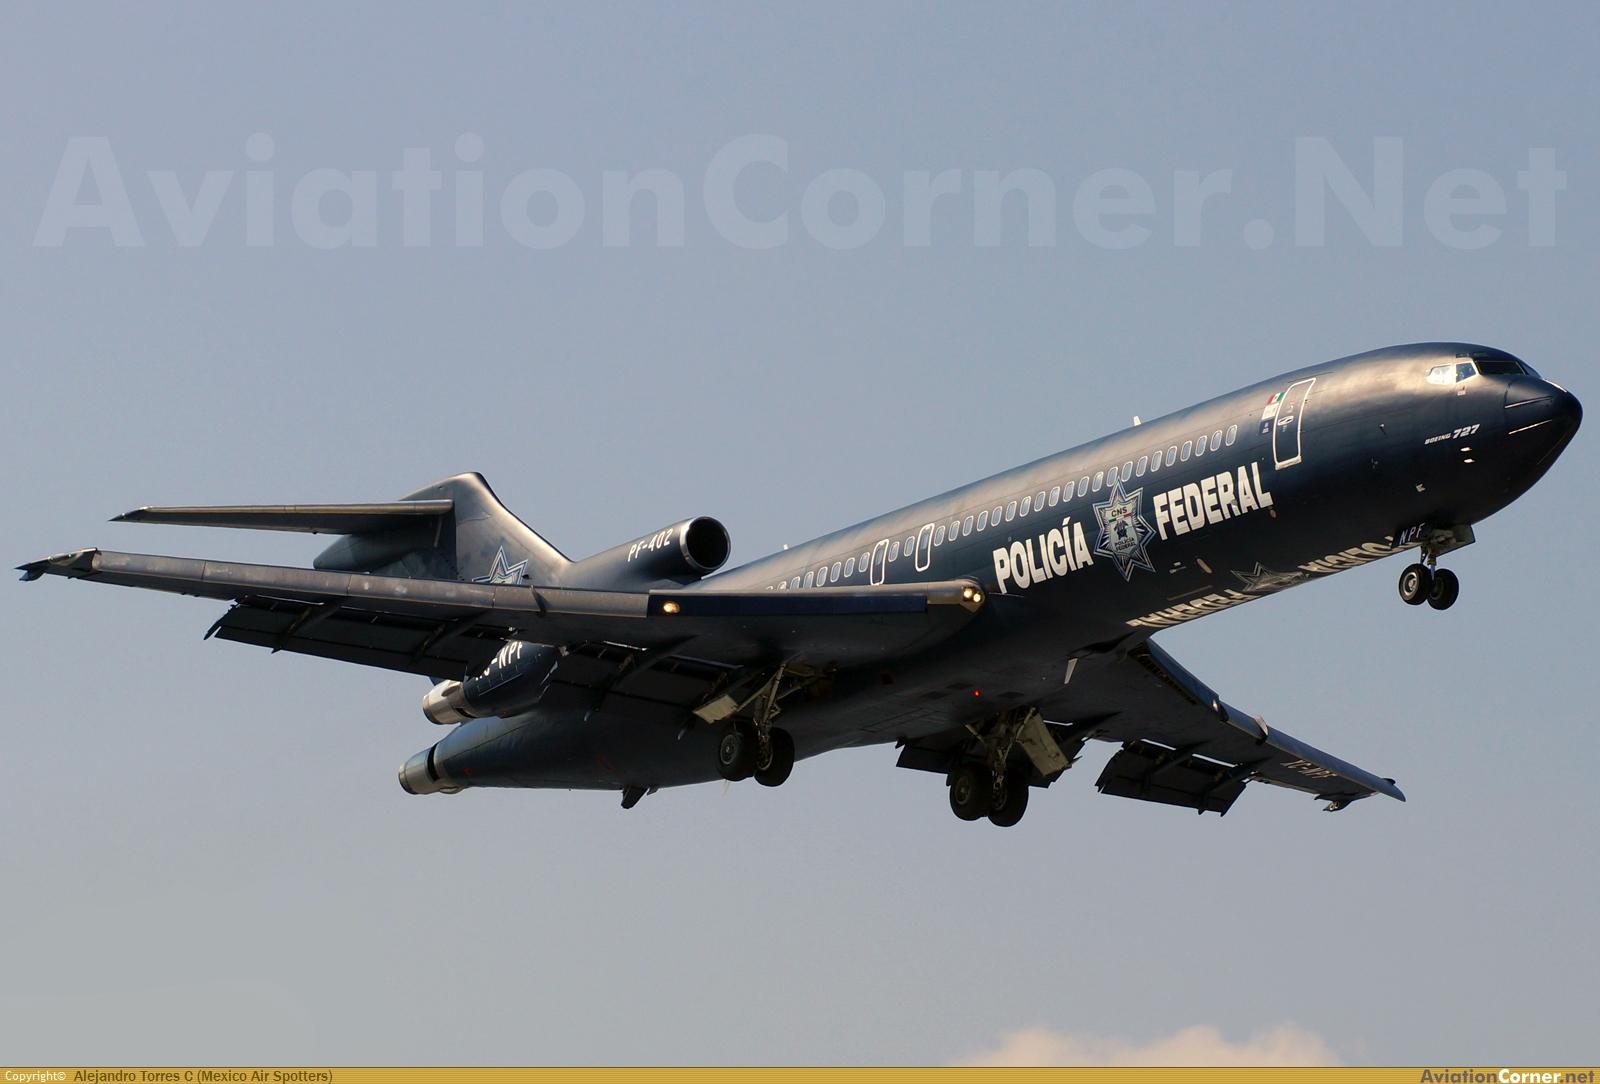 POLICIA - Boeing 727 Policia Federal   - Página 3 Avc_00336498